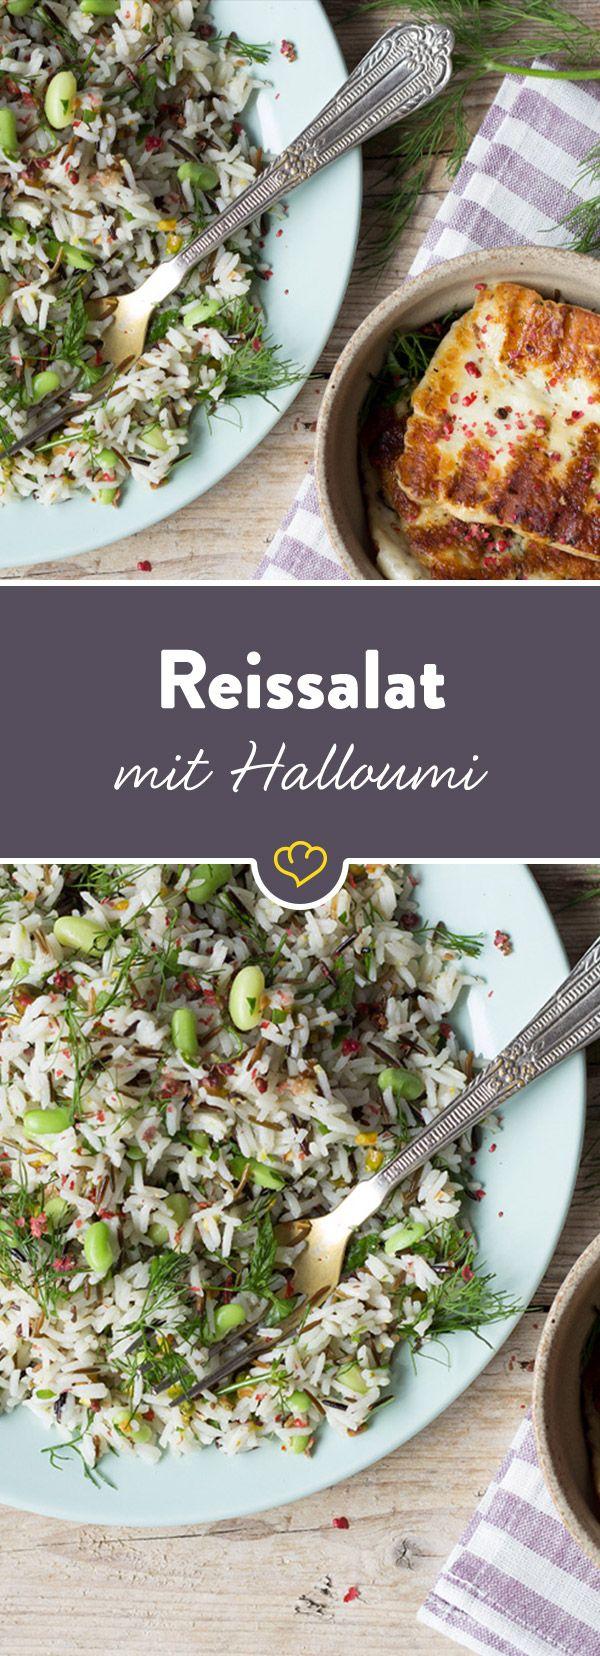 Ein Reissalat mit frischer Zitrusnote, der sich als Beilage vielfältig einsetzen lässt. Für die nötige Würze sorgen Pistazien und gegrillter Halloumi.